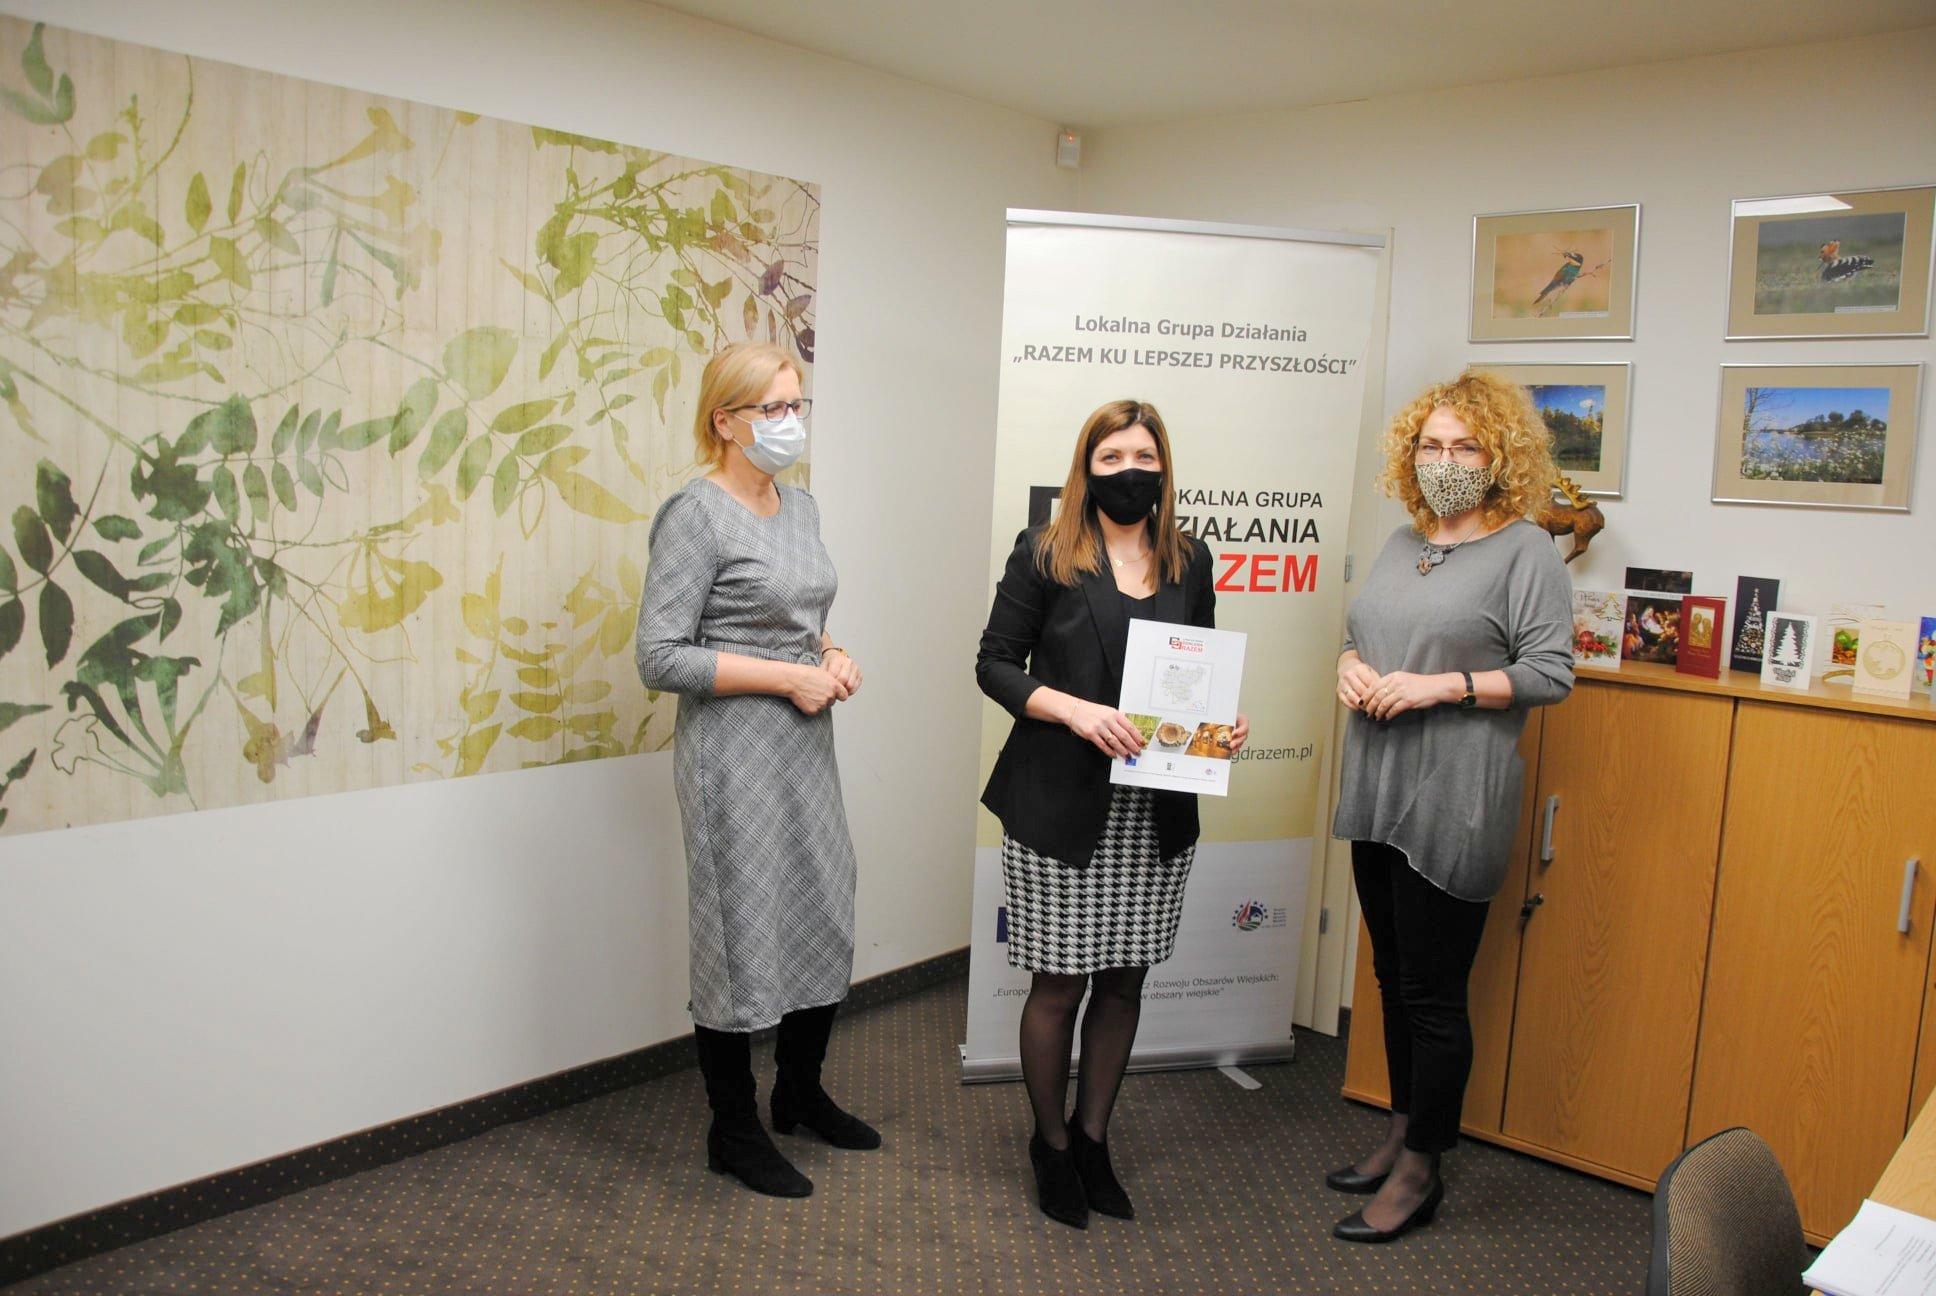 GMINA STANIN Ponad 10 tys. zł dla biblioteki w Staninie  - Zdjęcie główne